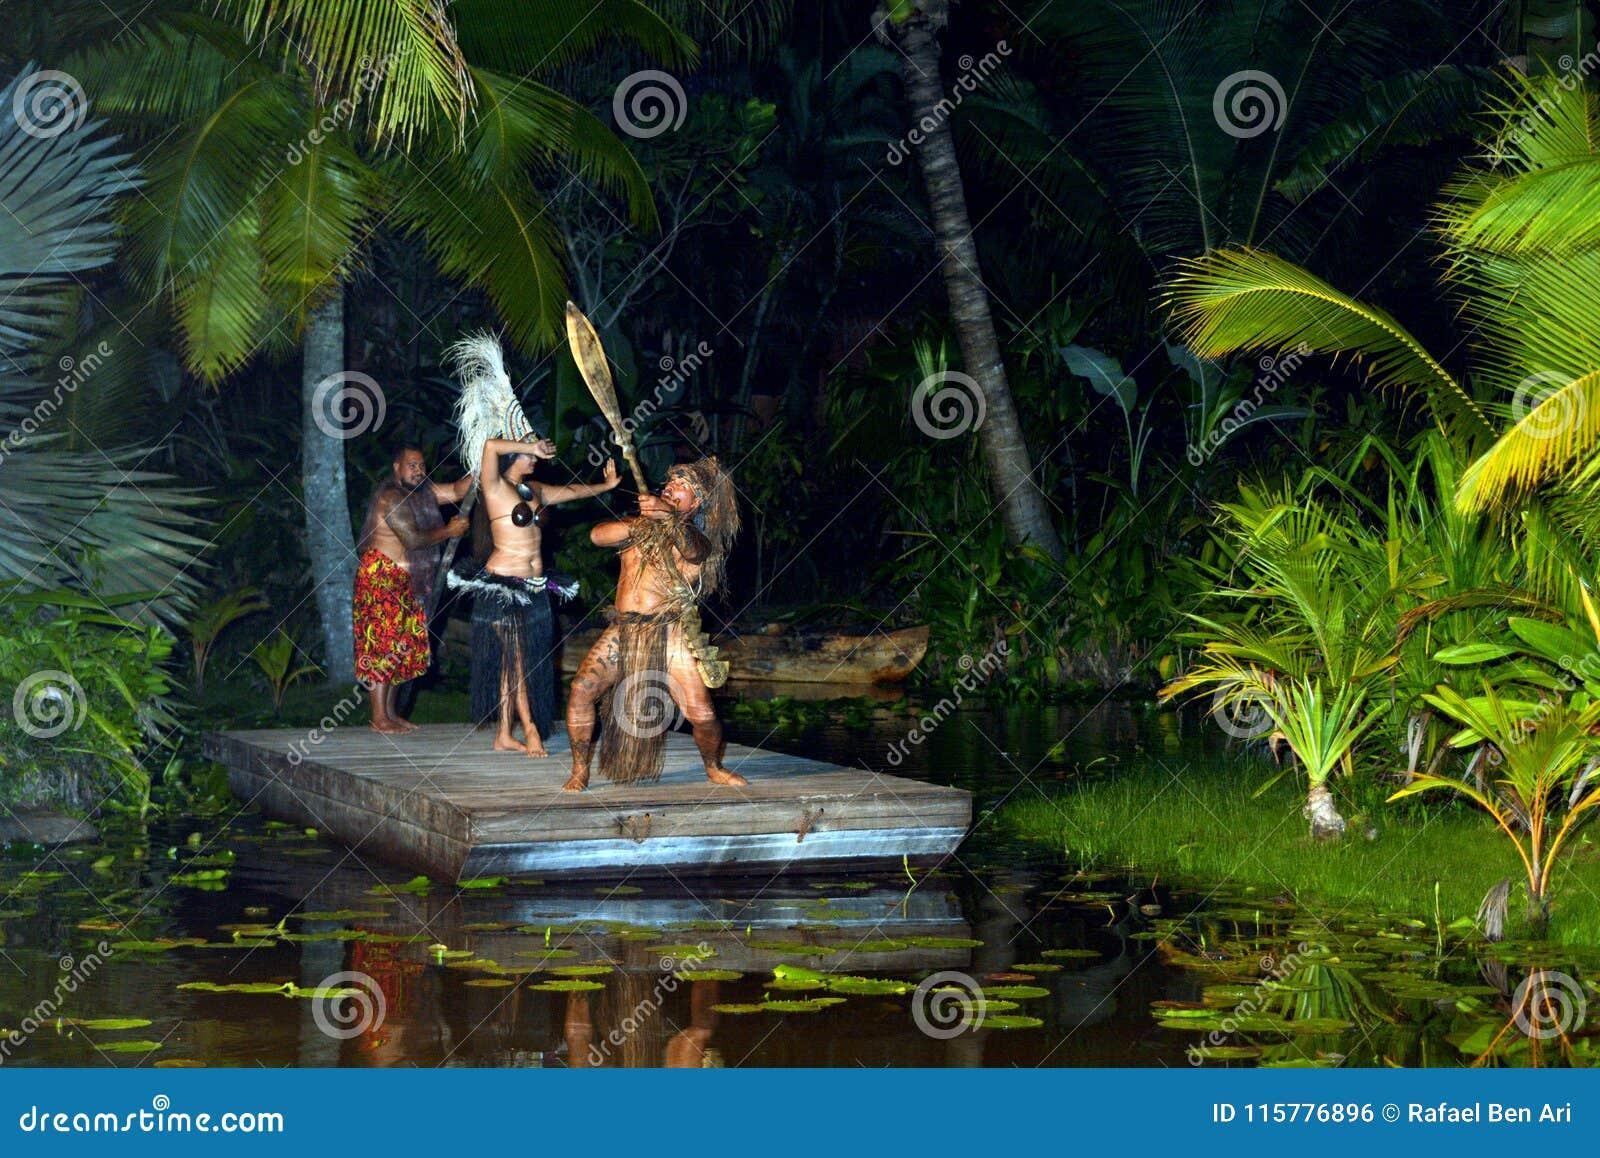 Pacific islander people